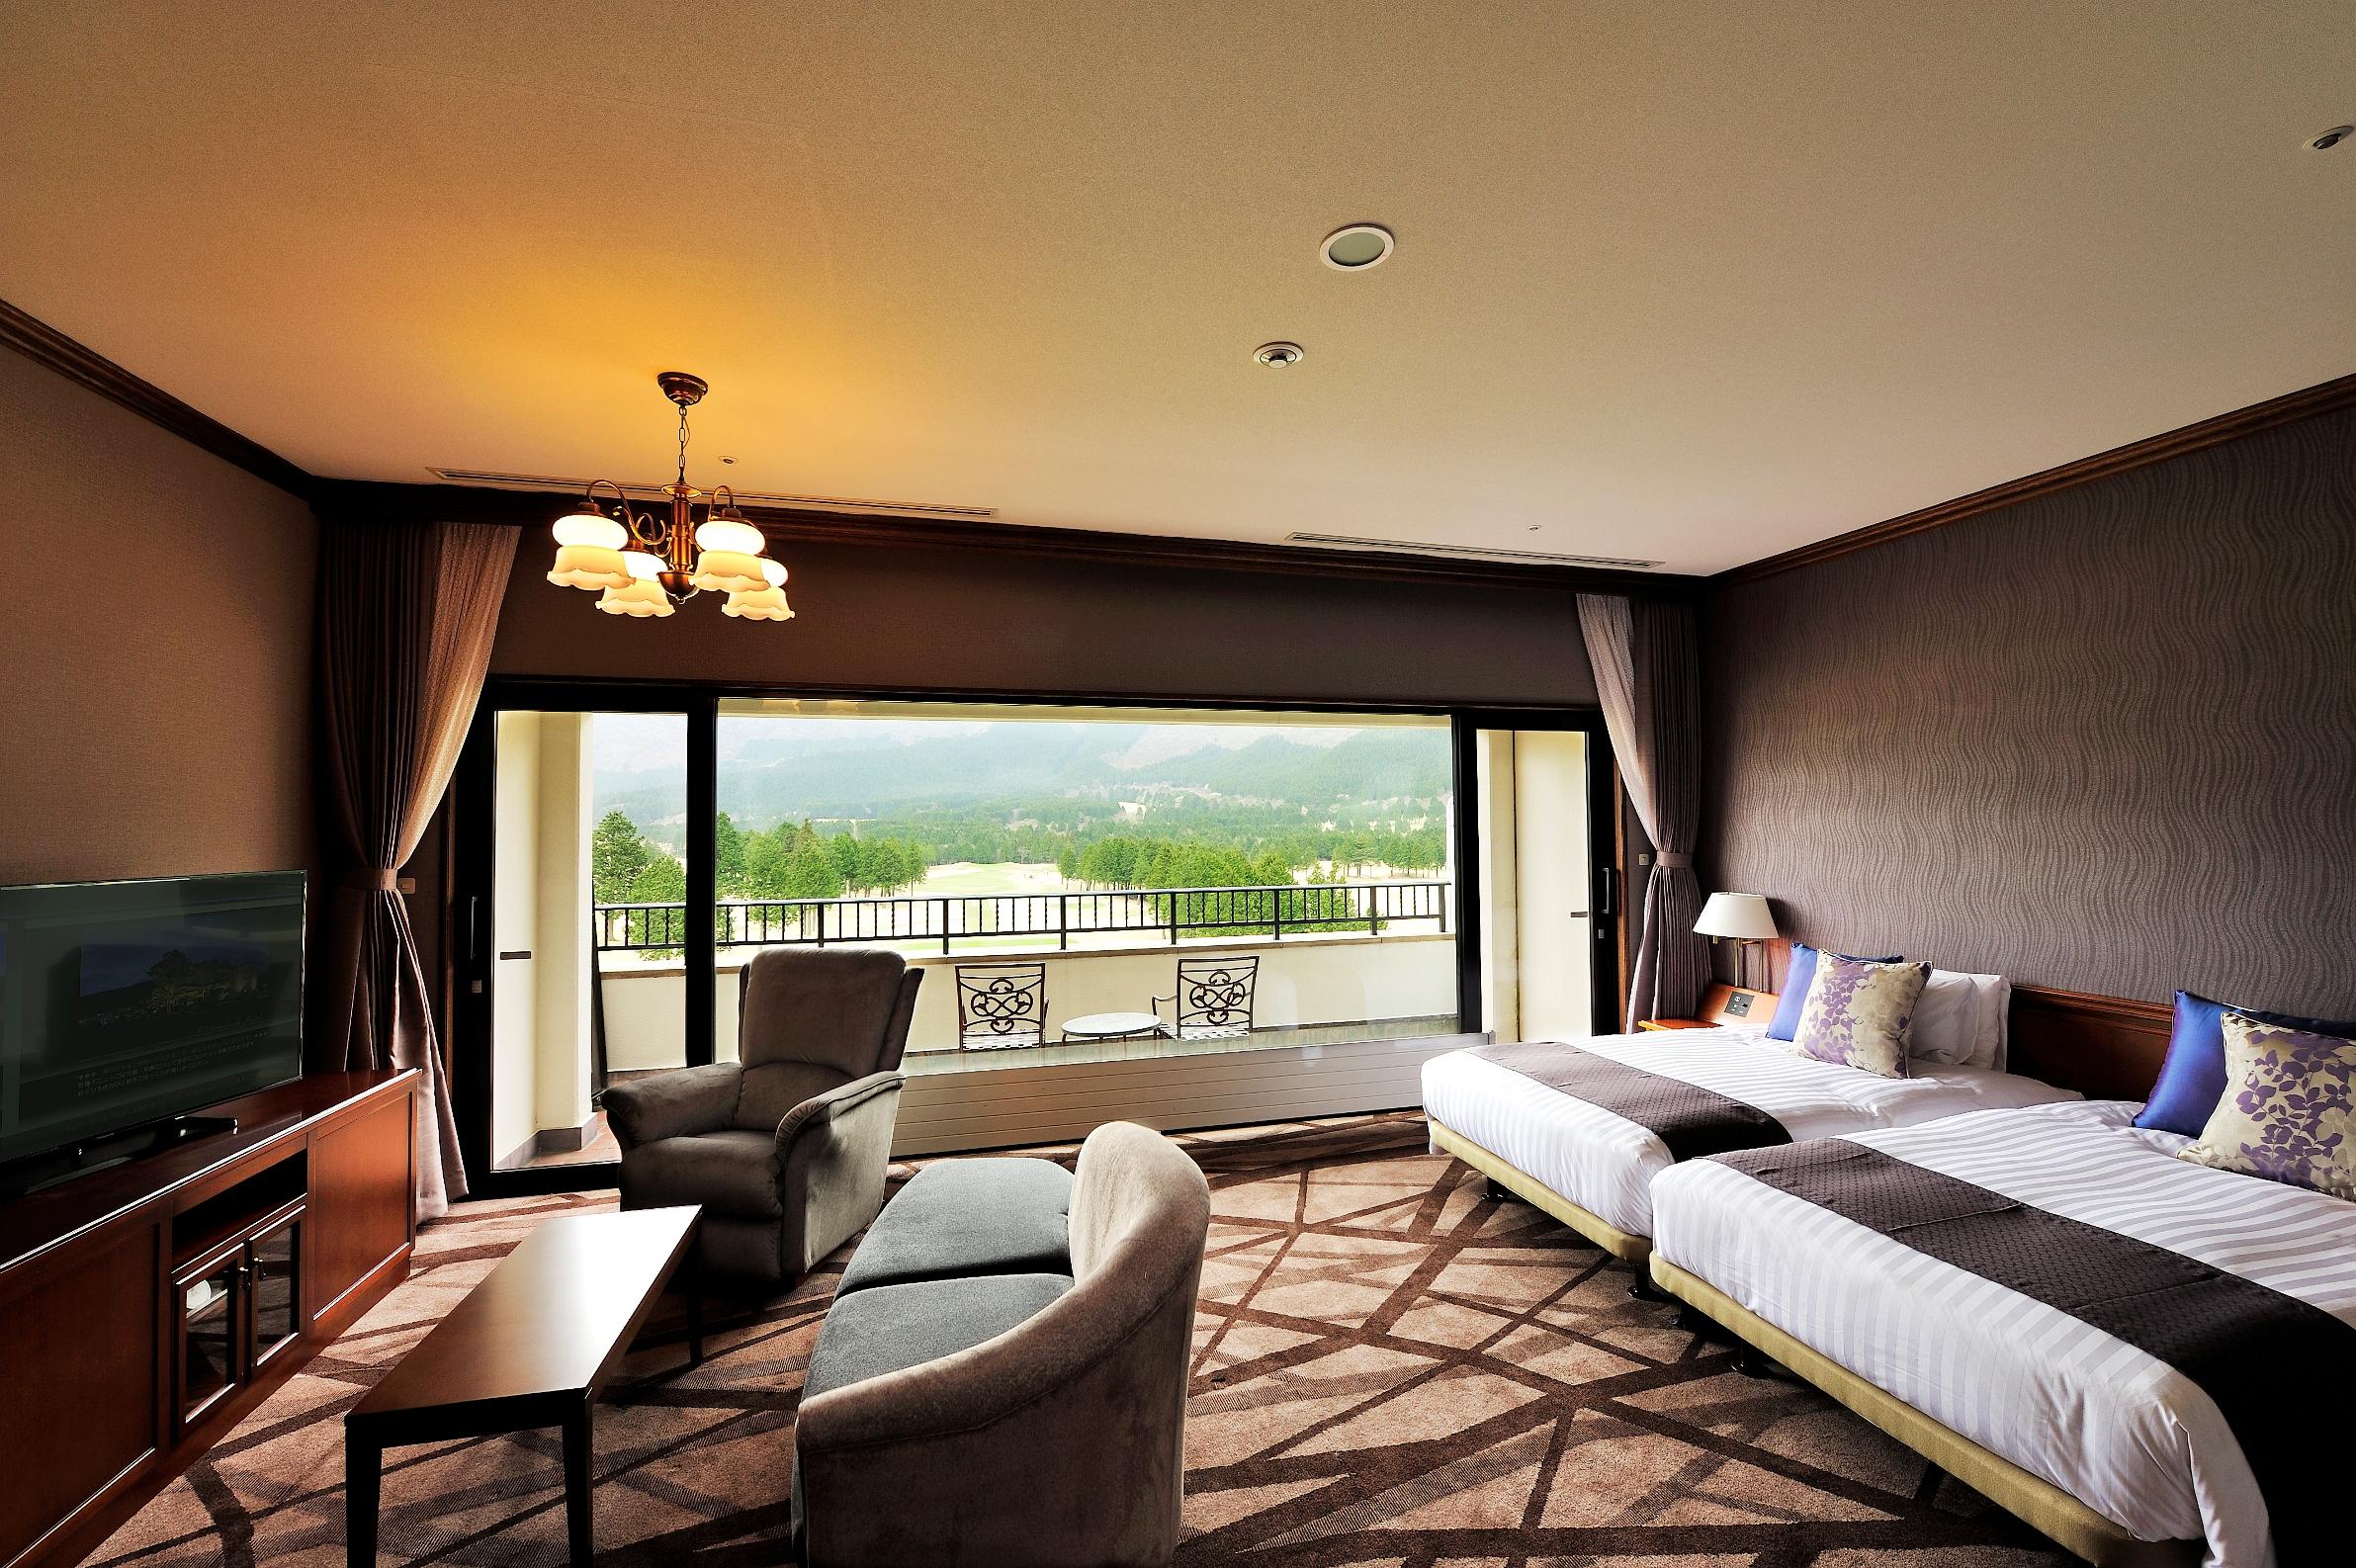 箱根ラリック美術館を貸切にできる宿泊プラン!箱根仙石原プリンスホテルが1日1室限定で